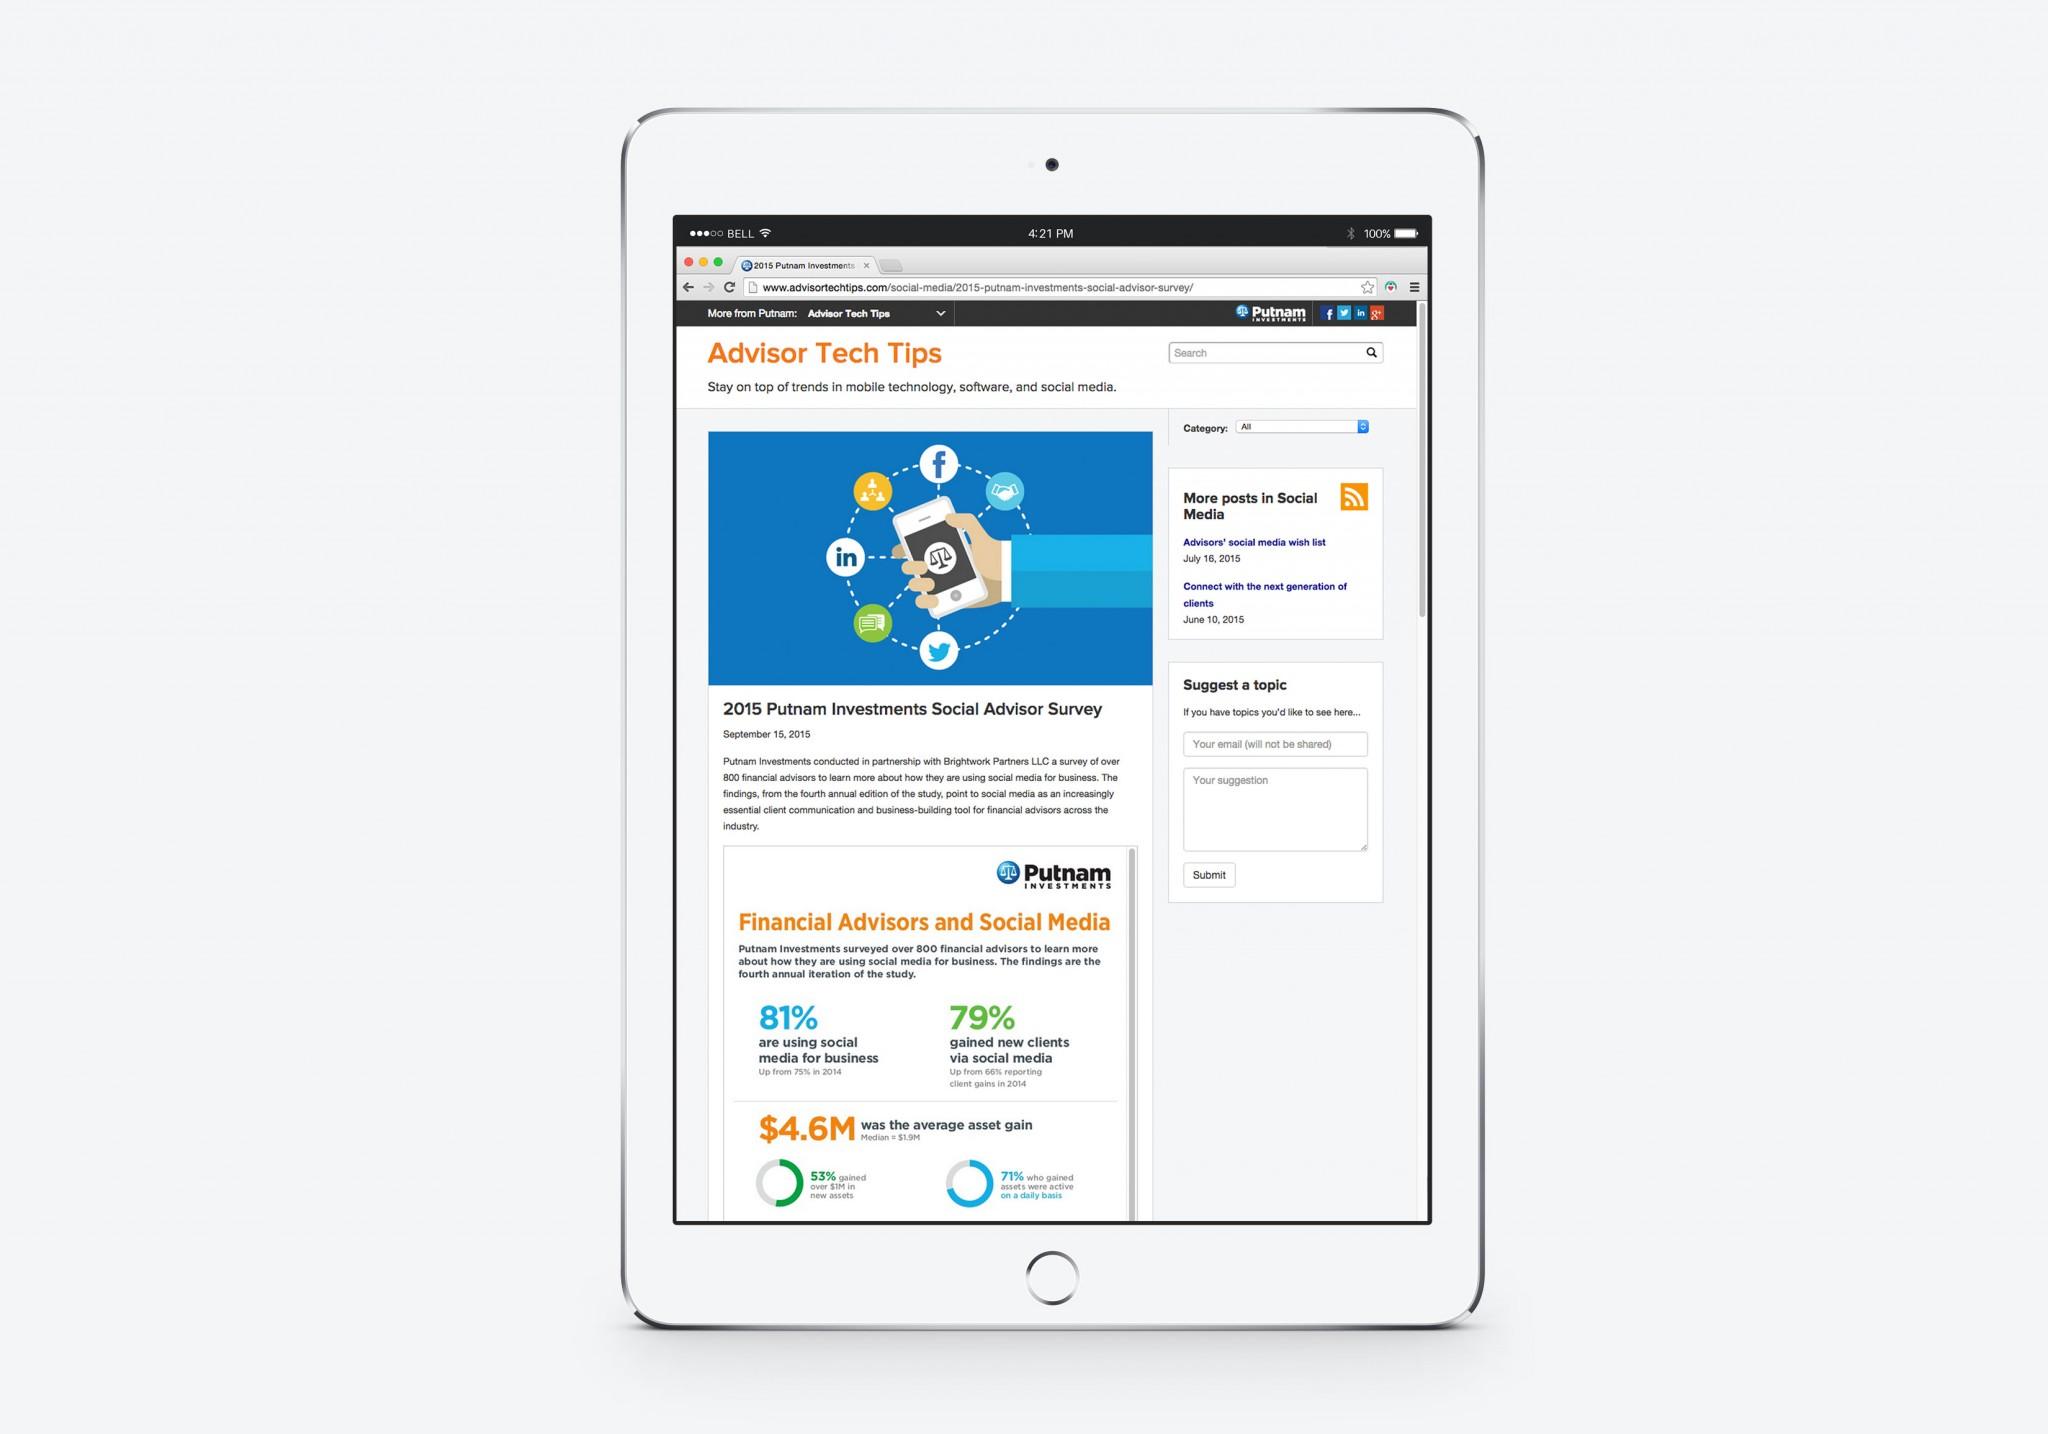 PutnamAdvisorTechTips_iPad